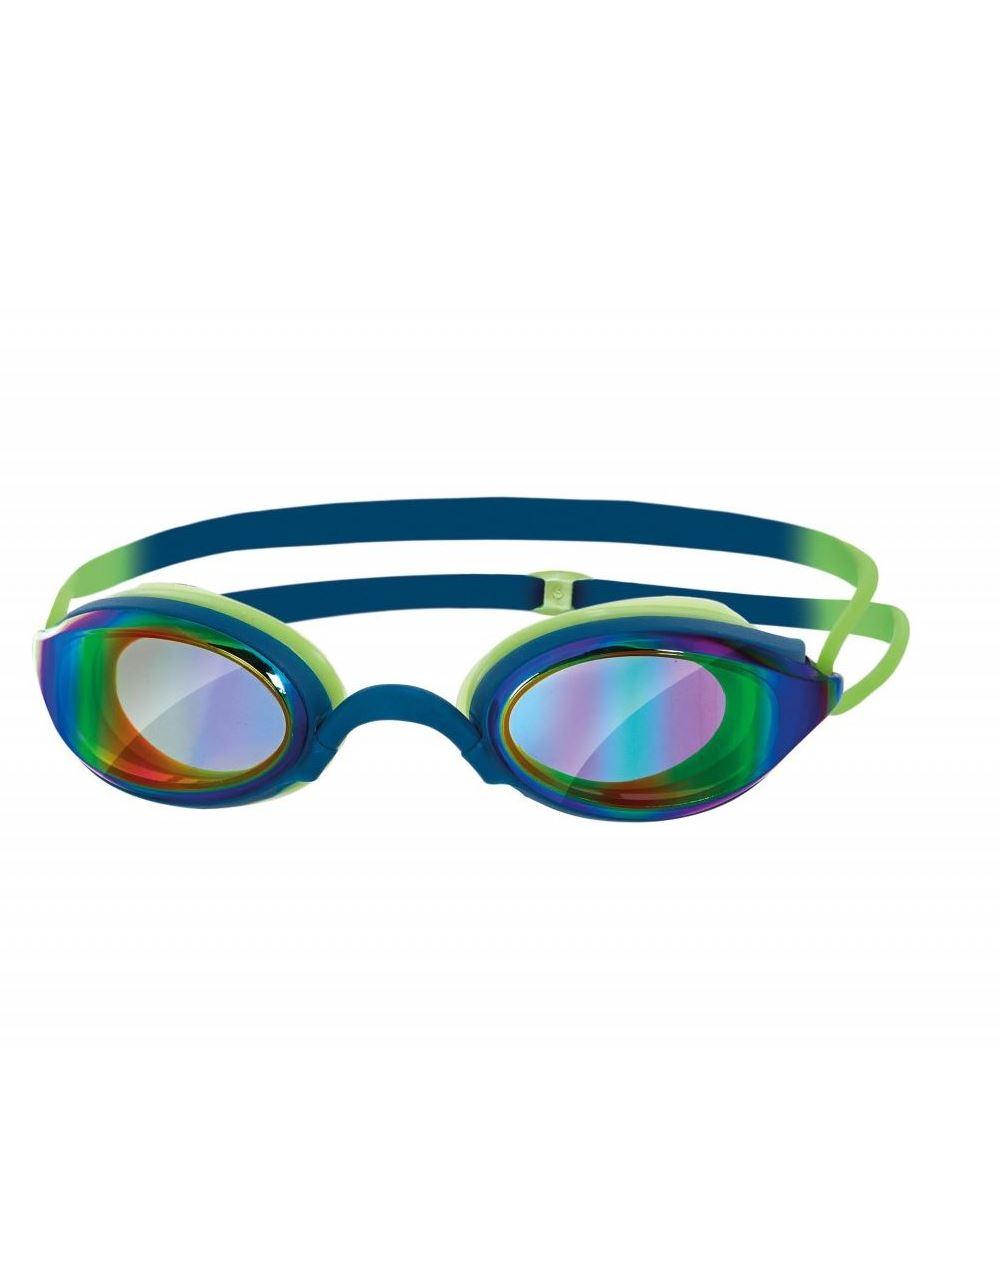 אביזרים זוגס לנשים Zoggs Fusion Air - כחול/ירוק